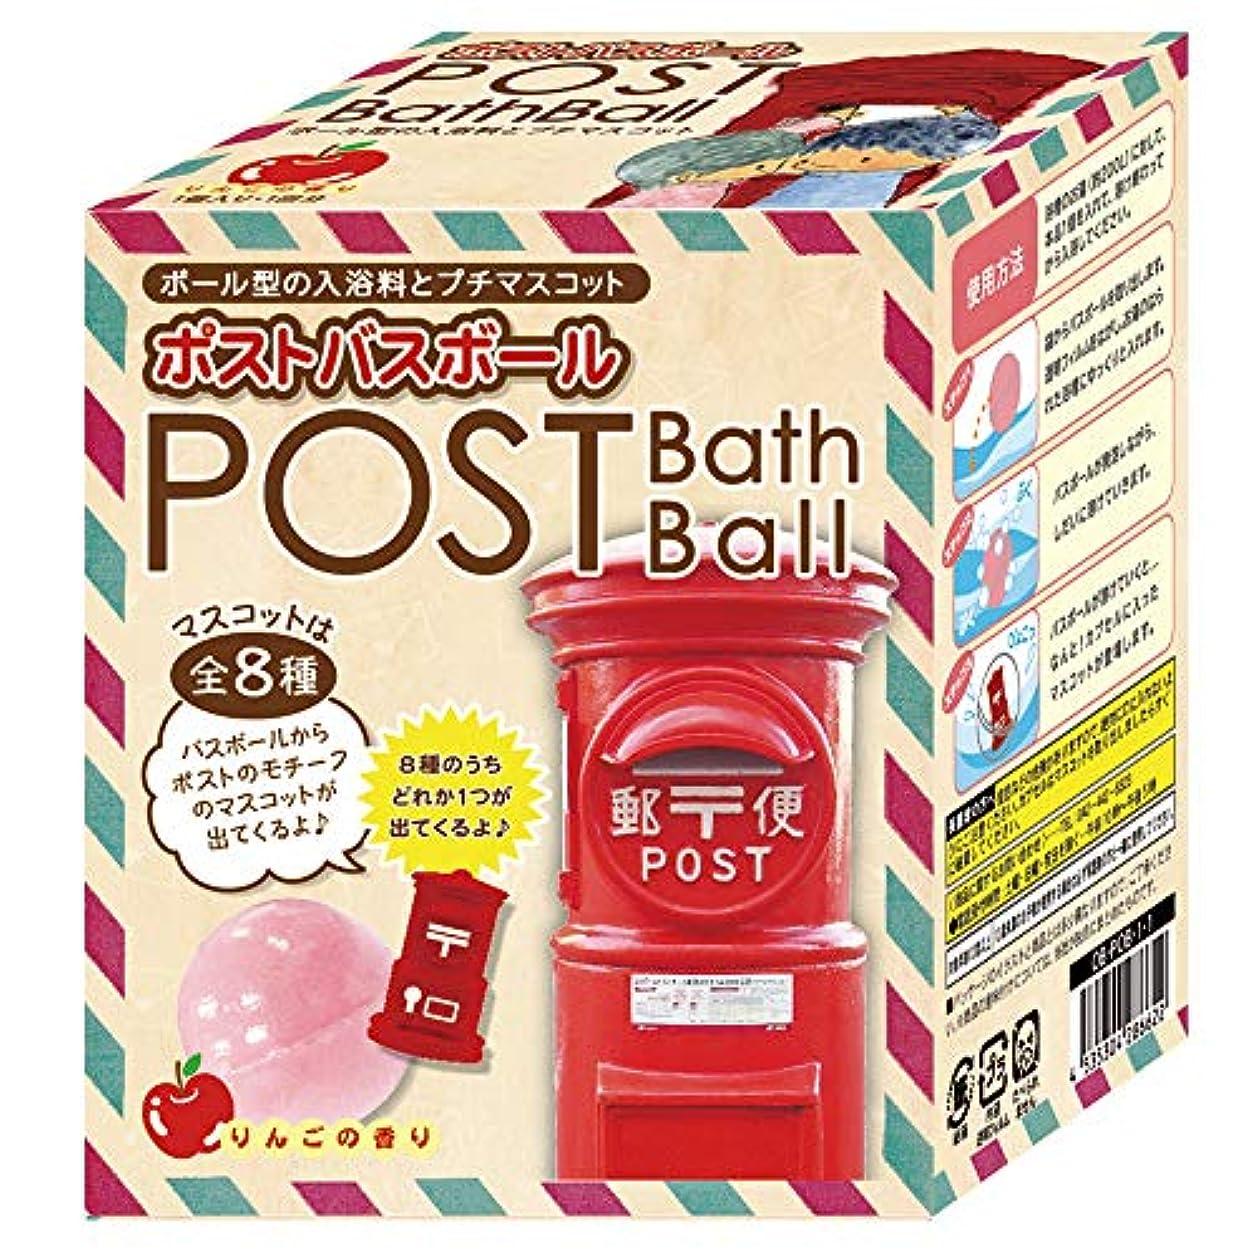 ノルコーポレーション 入浴剤 郵便ポスト バスボール りんごの香り 60g OB-POB-1-1